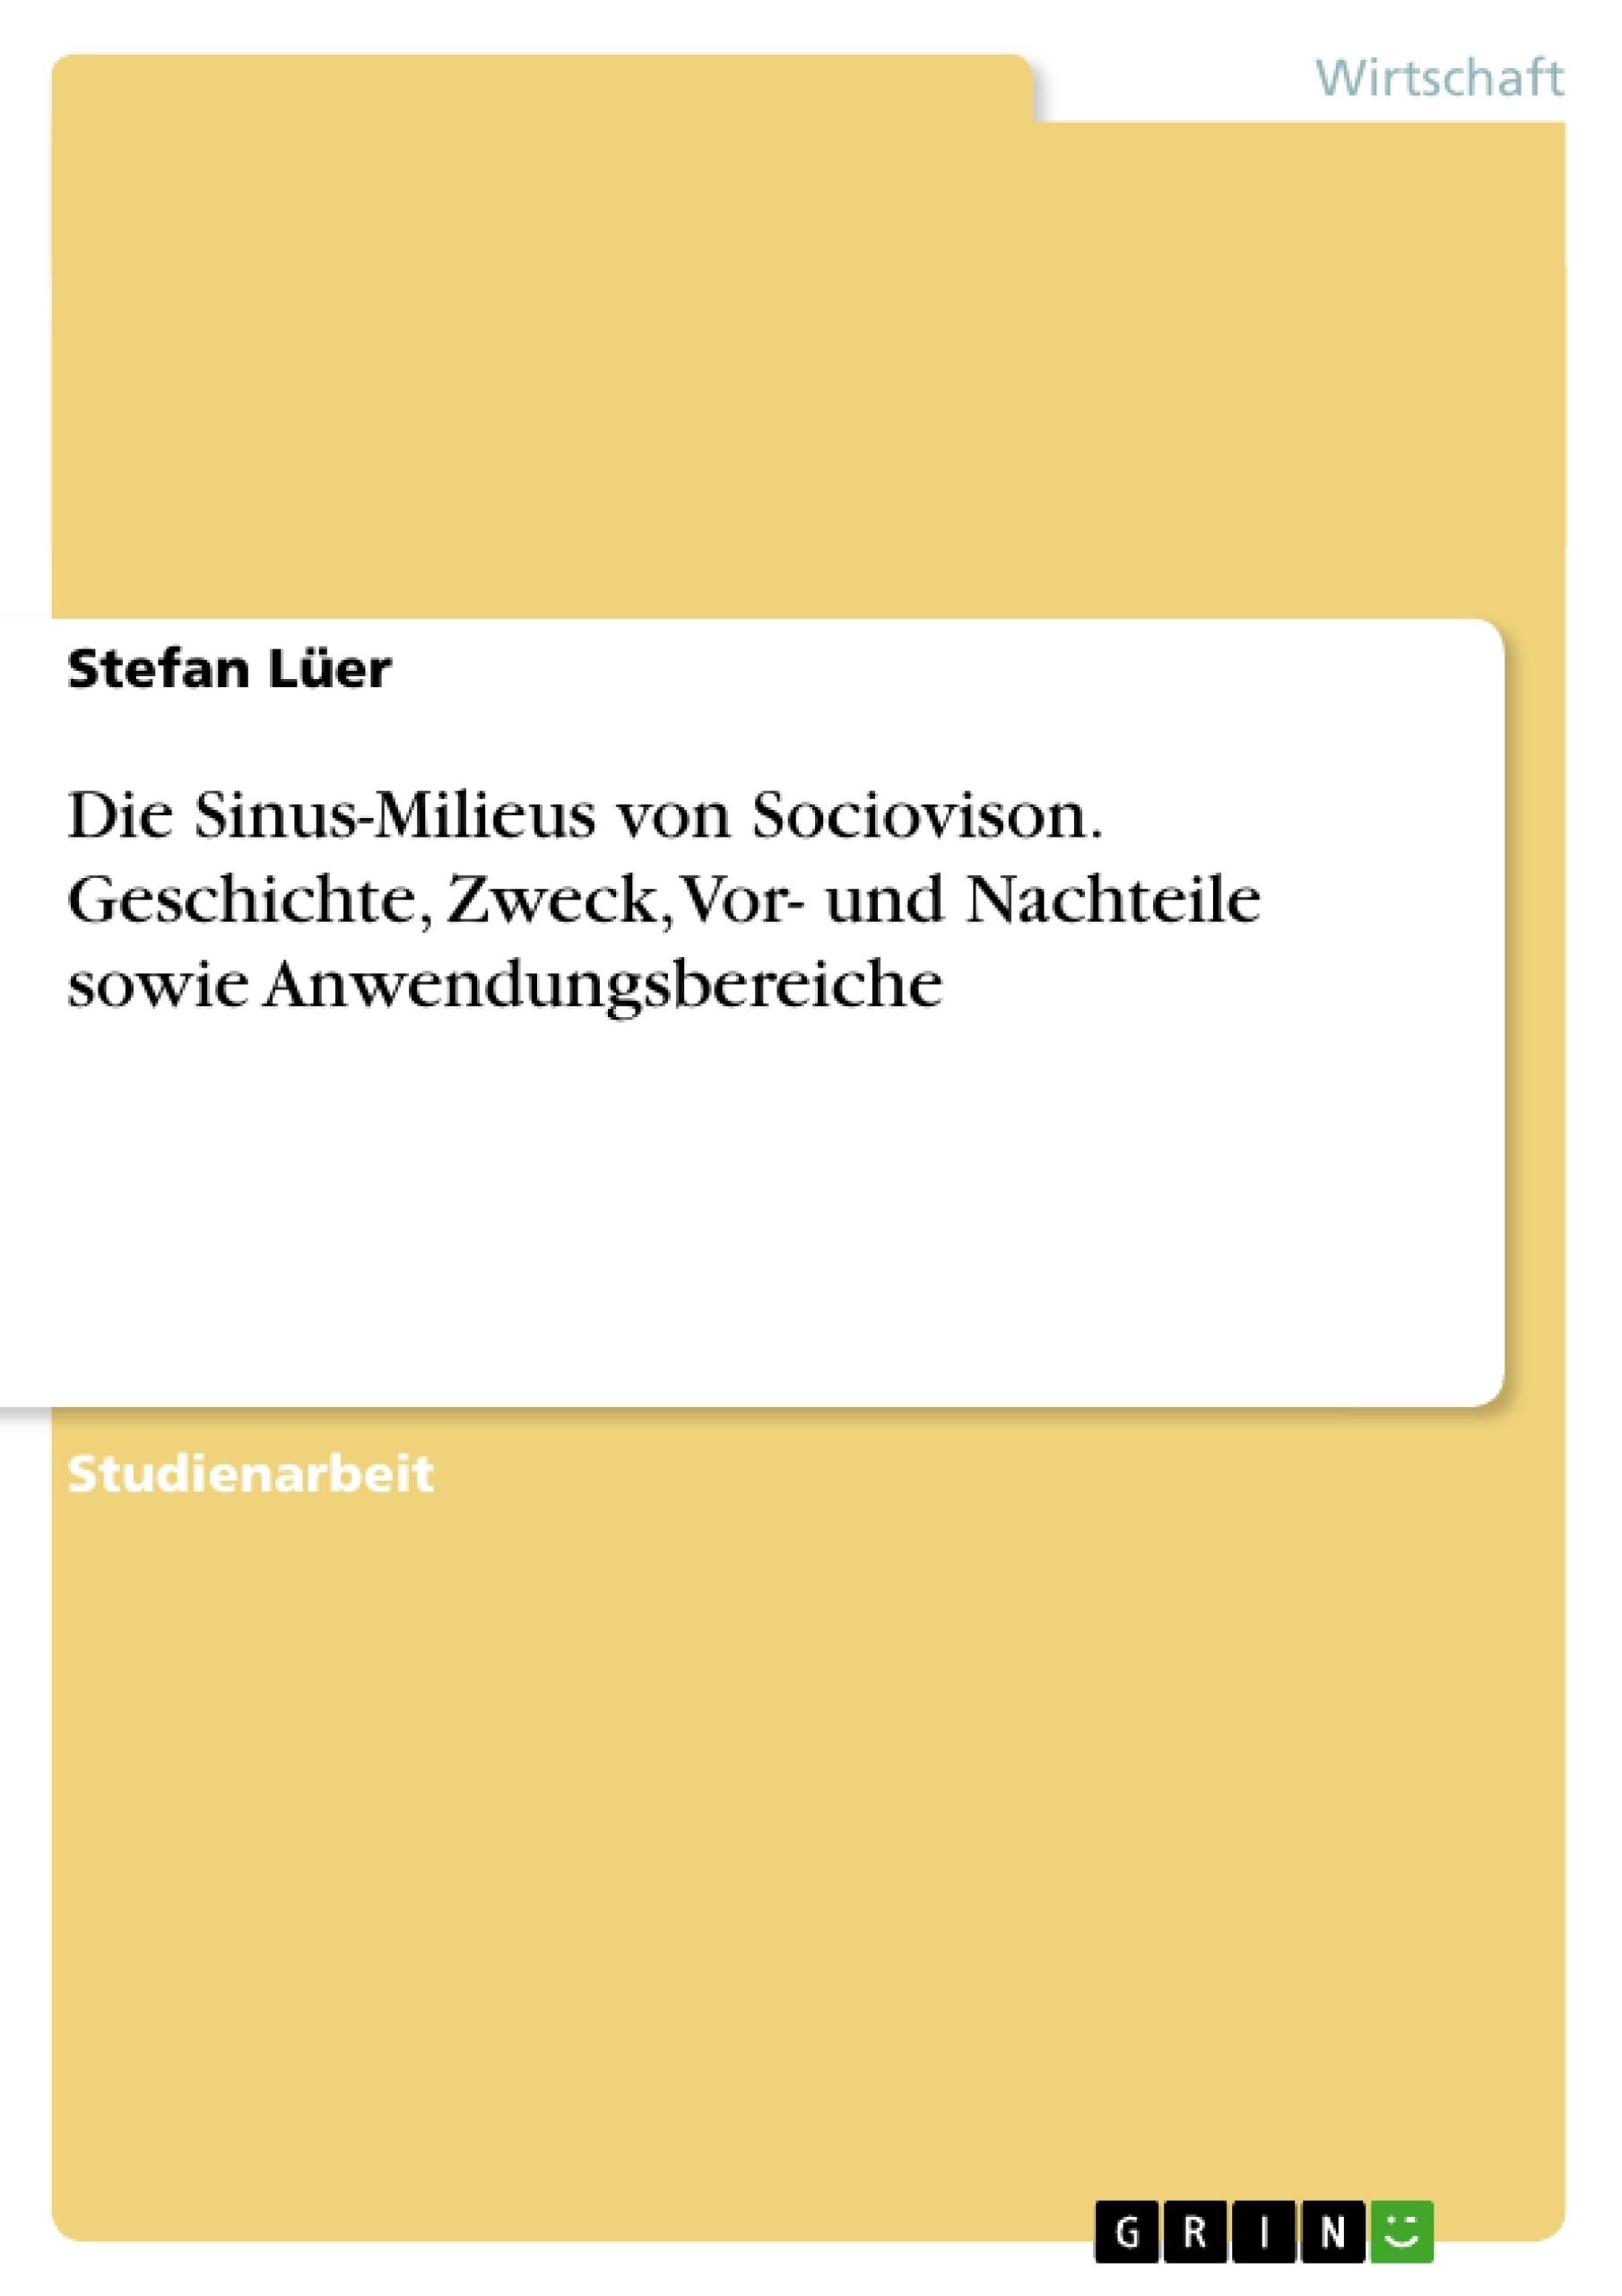 Titel: Die Sinus-Milieus von Sociovison. Geschichte, Zweck, Vor- und Nachteile sowie Anwendungsbereiche